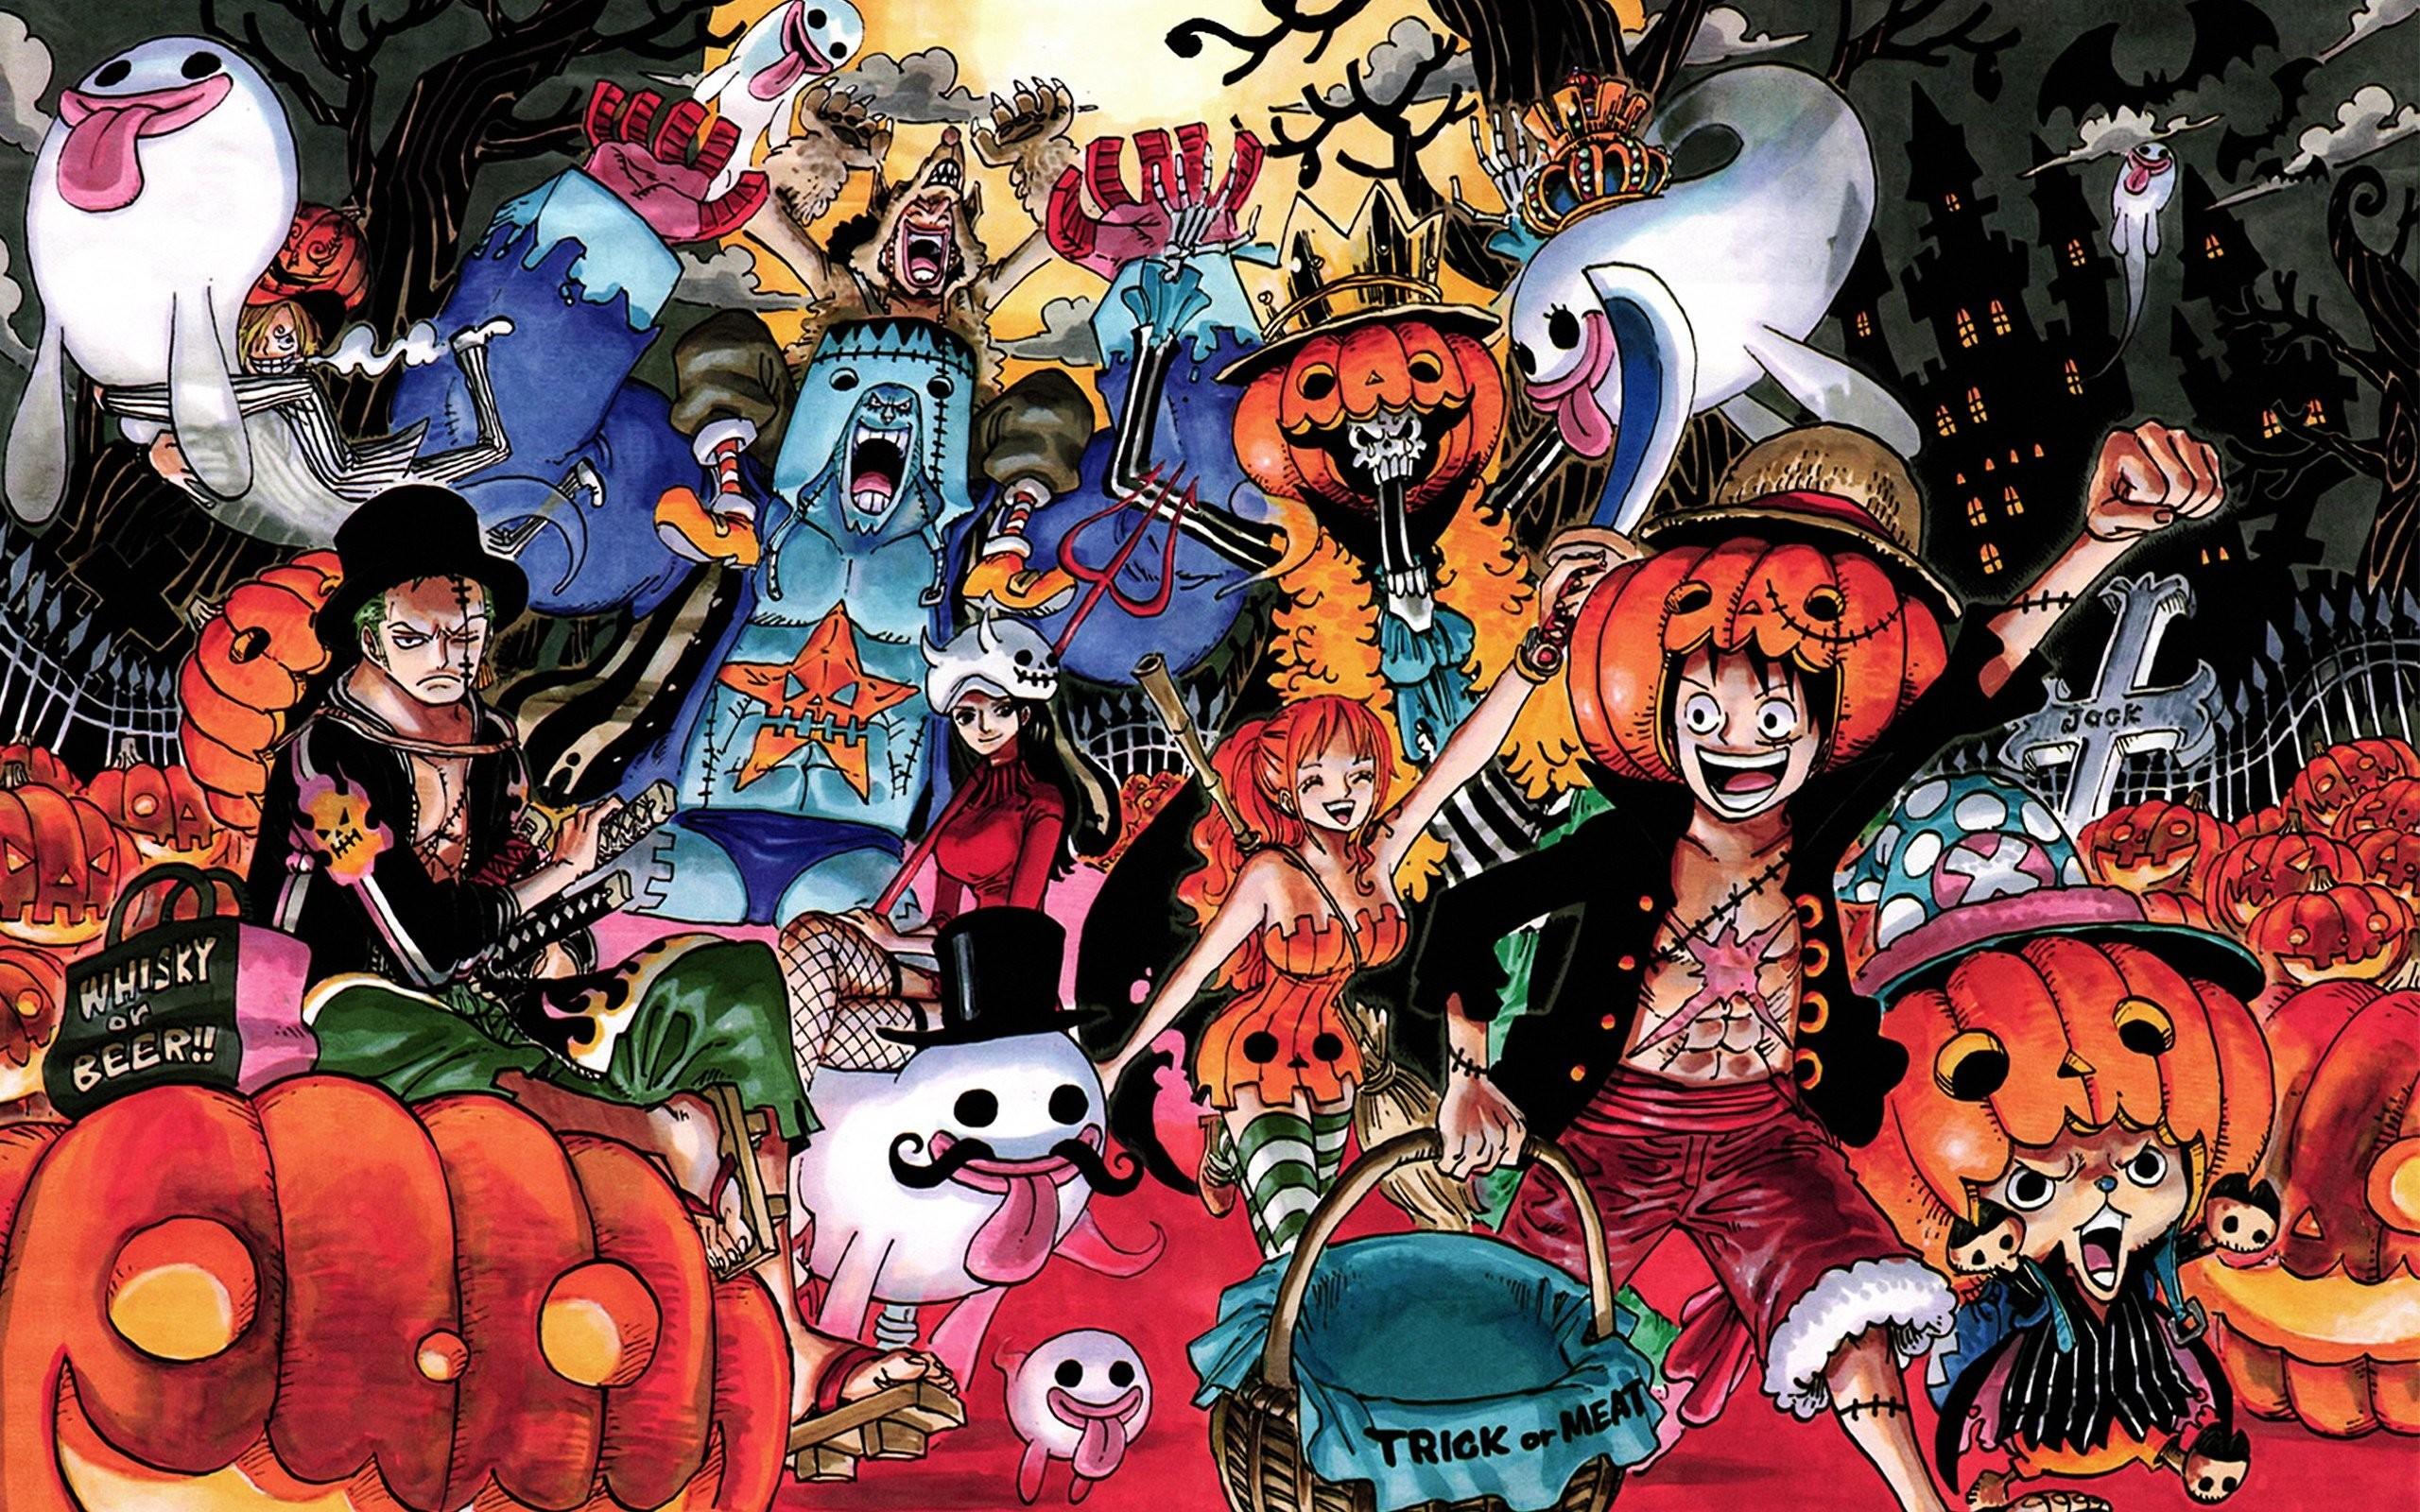 One Piece (anime) Halloween Nico Robin Roronoa Zoro Tony Tony Chopper Brook  (One Piece) Nami (One Piece) Sanji (One Piece) wallpaper | |  296316 | …